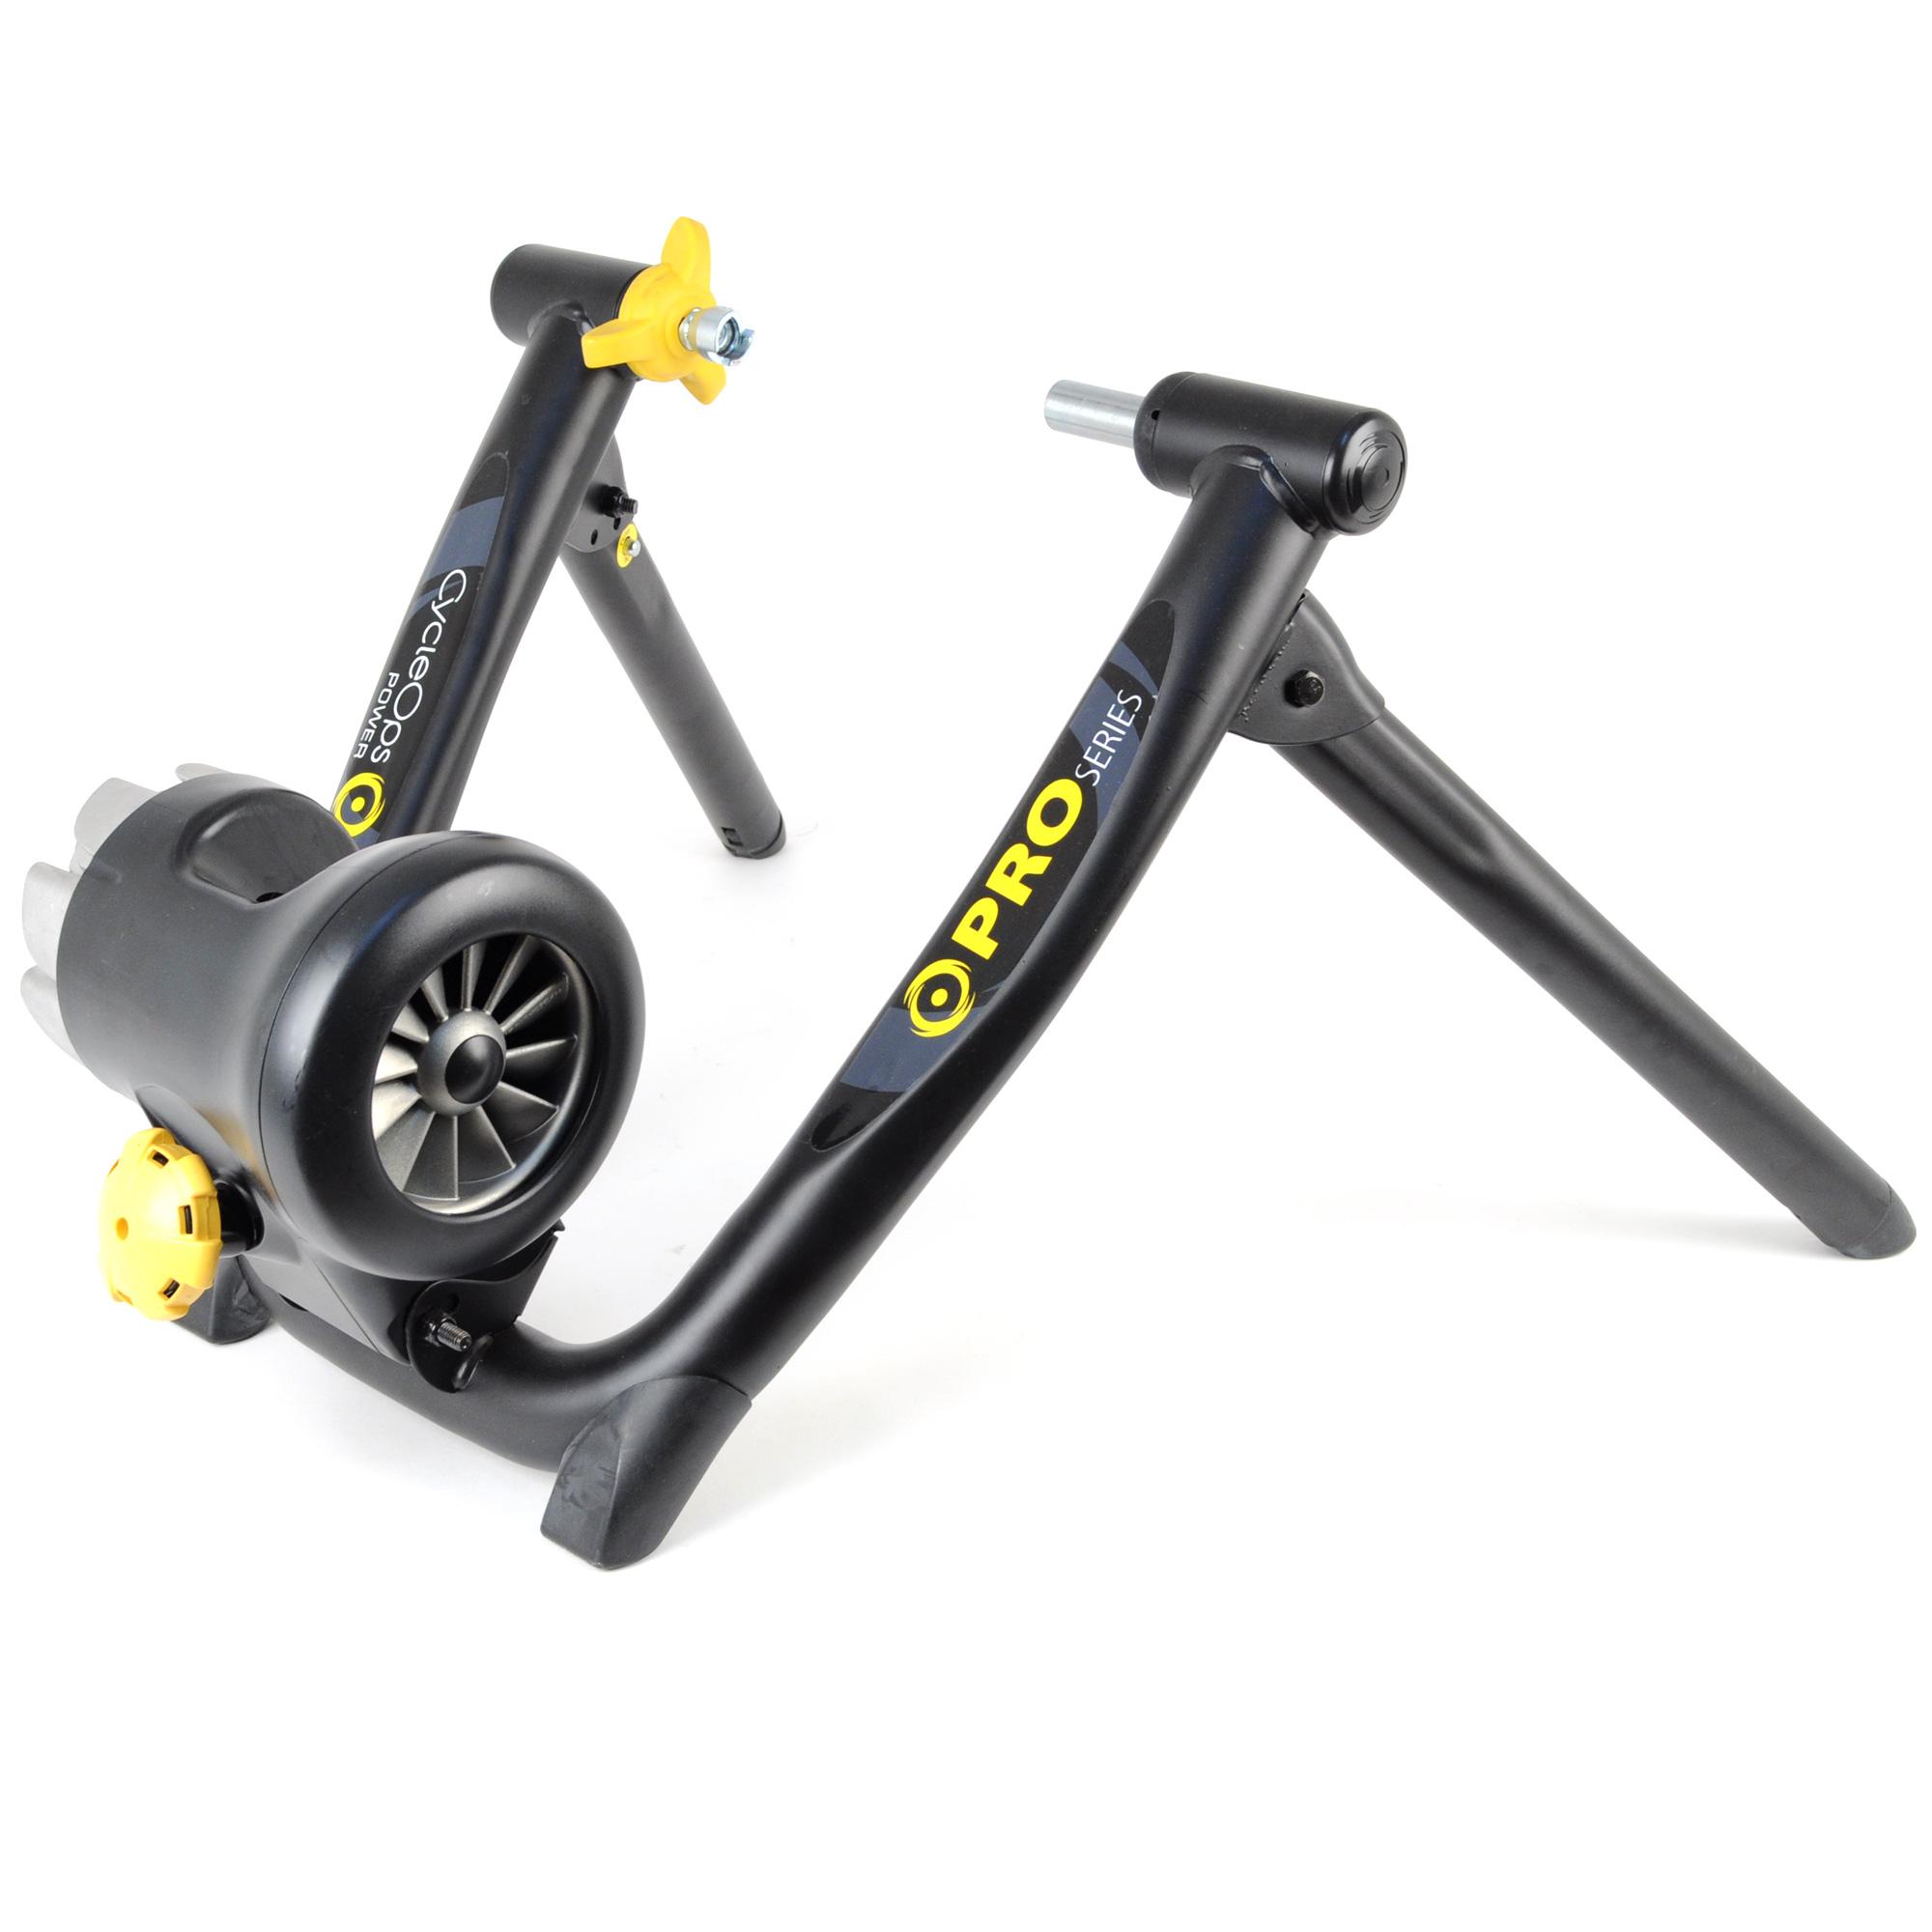 Cycleops Fluid 2 Kijiji: CycleOps JetFluid ProTrainer Indoor Bicycle Trainer